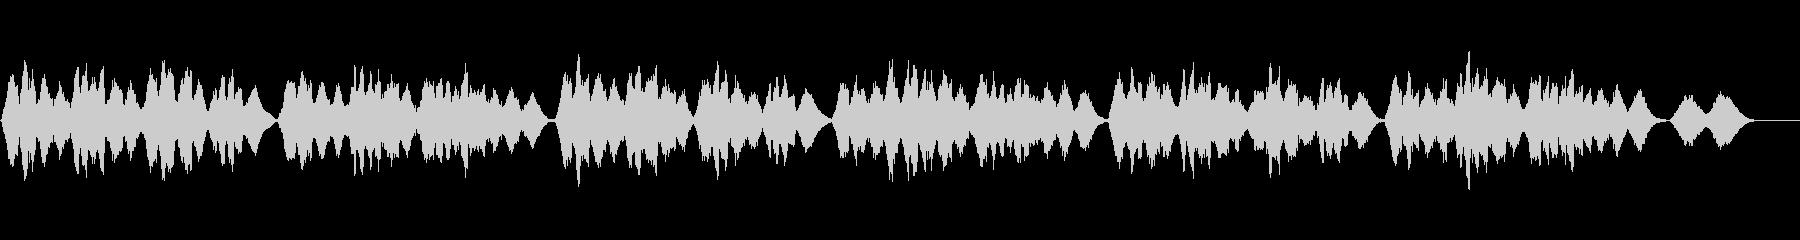 讃美歌428「またき愛たまう神よ」の未再生の波形